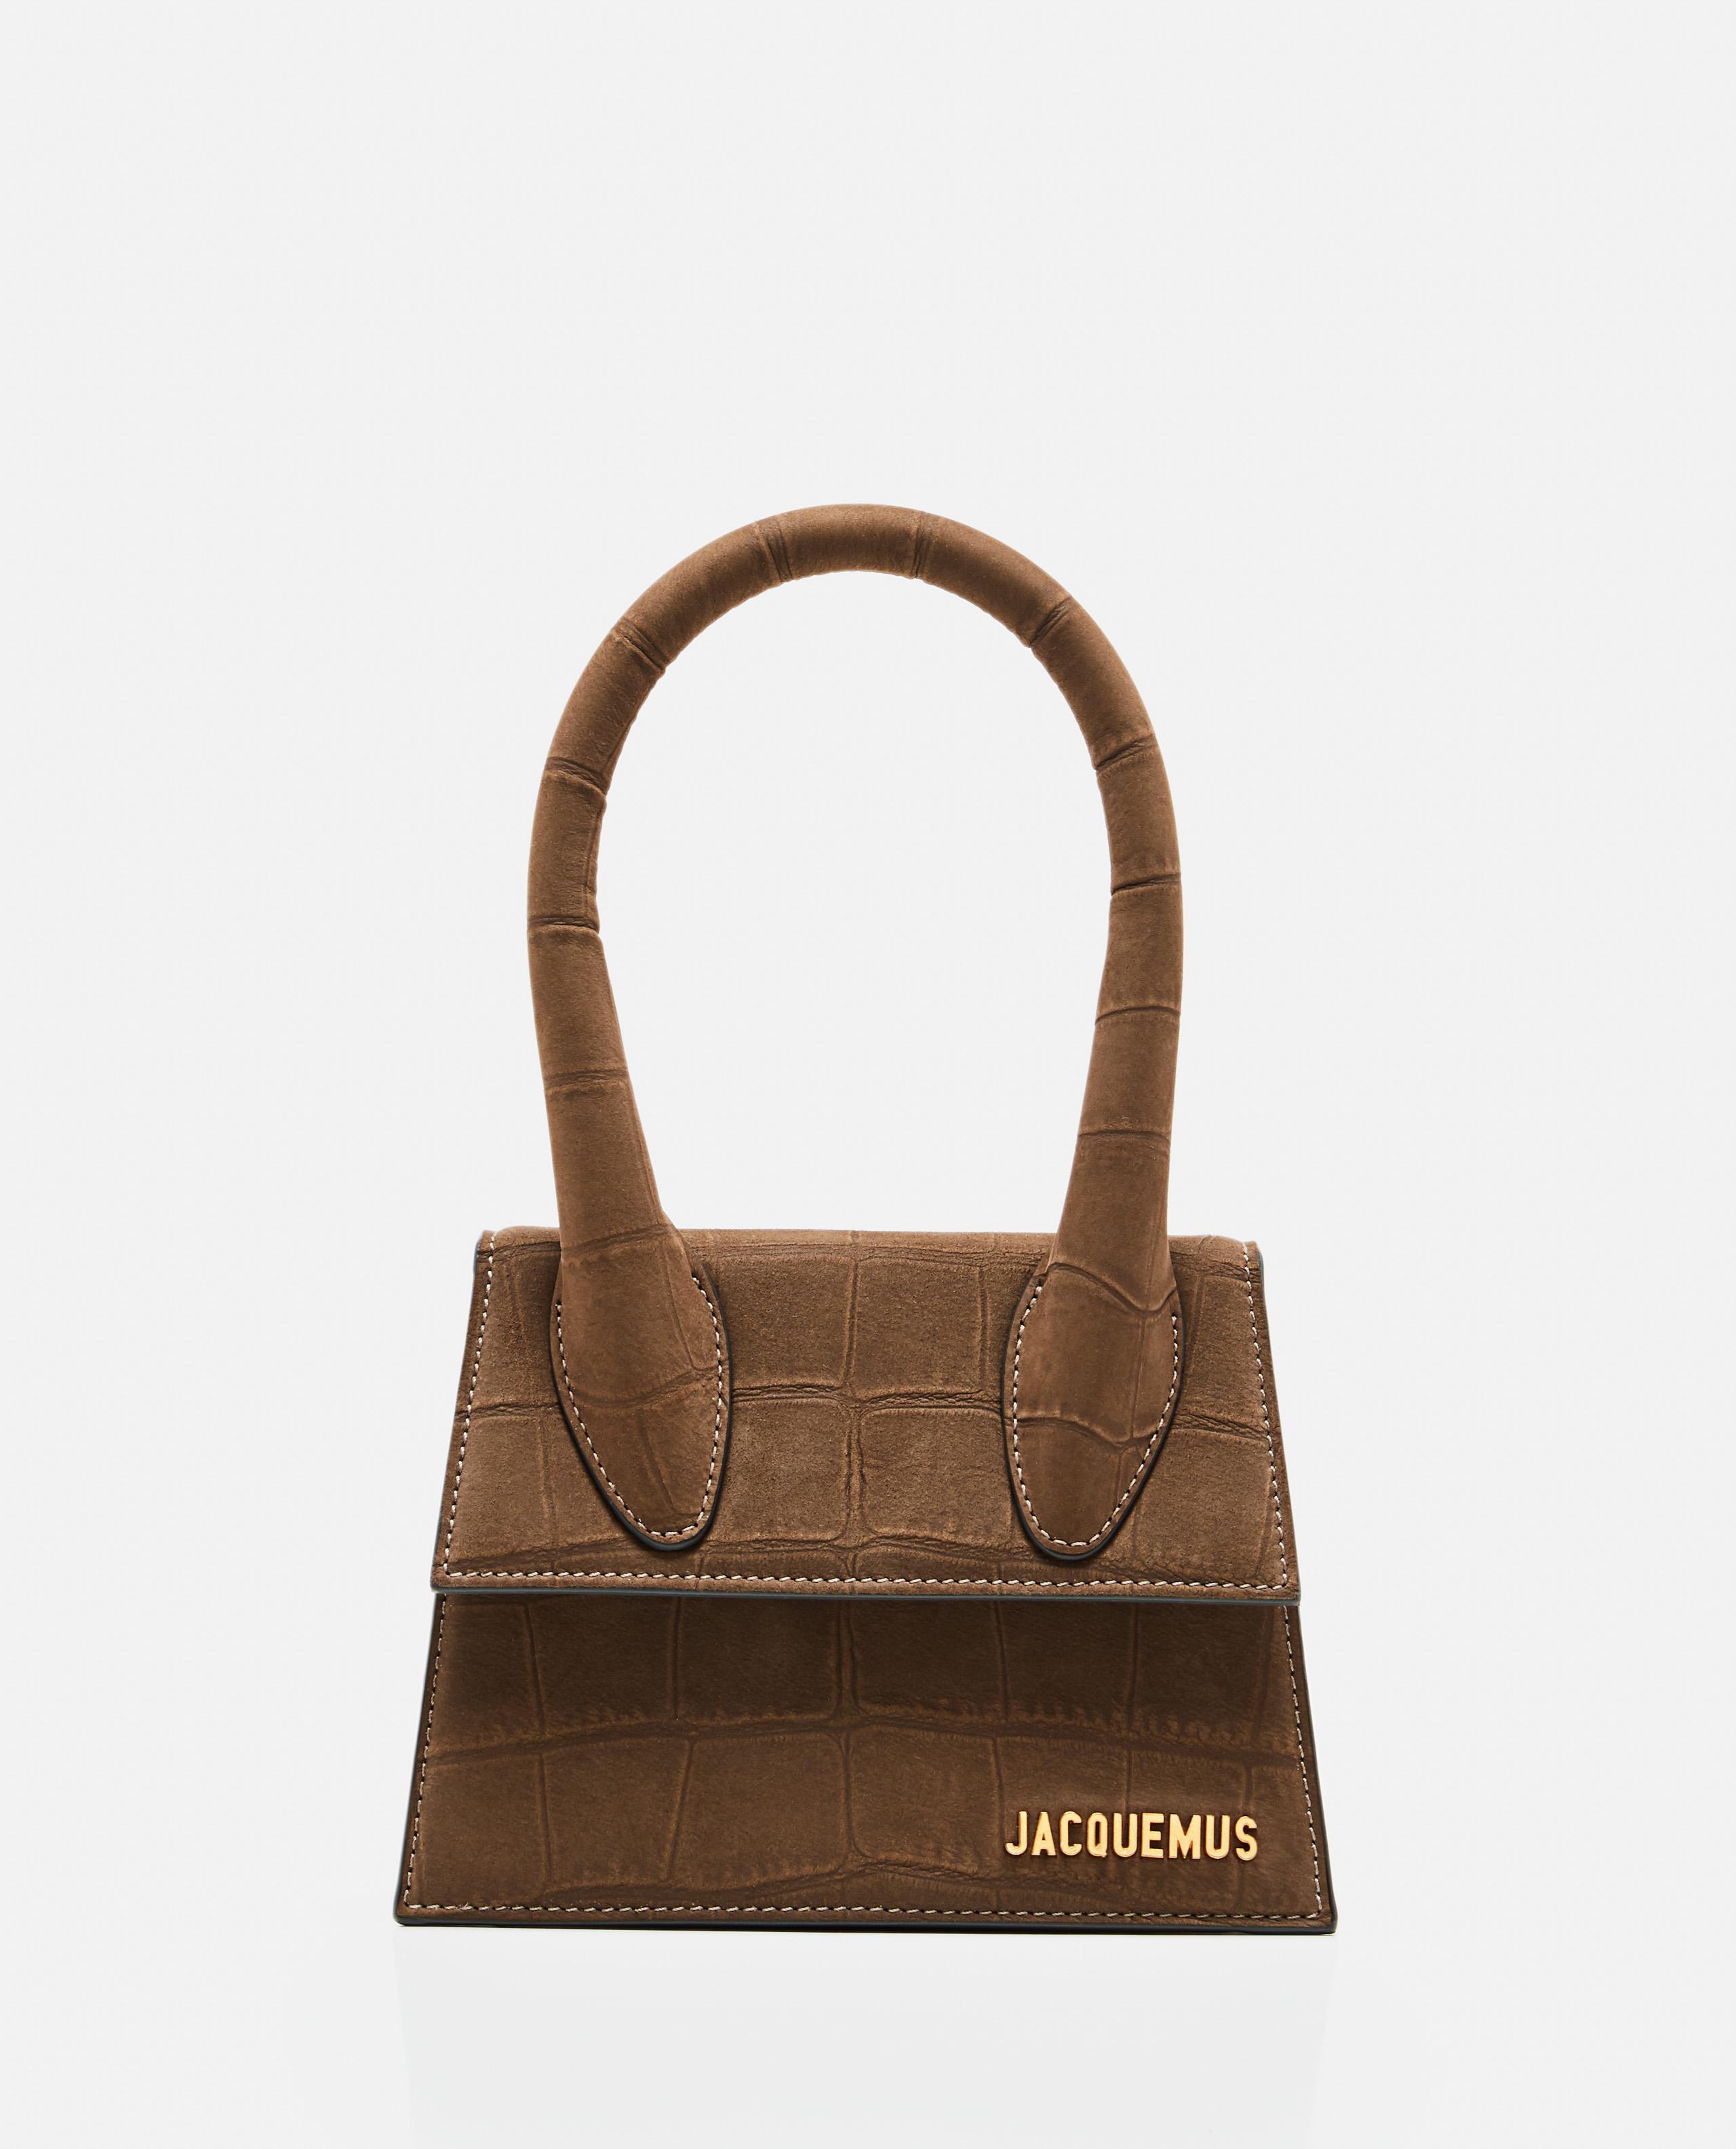 Bag Le Chiquito